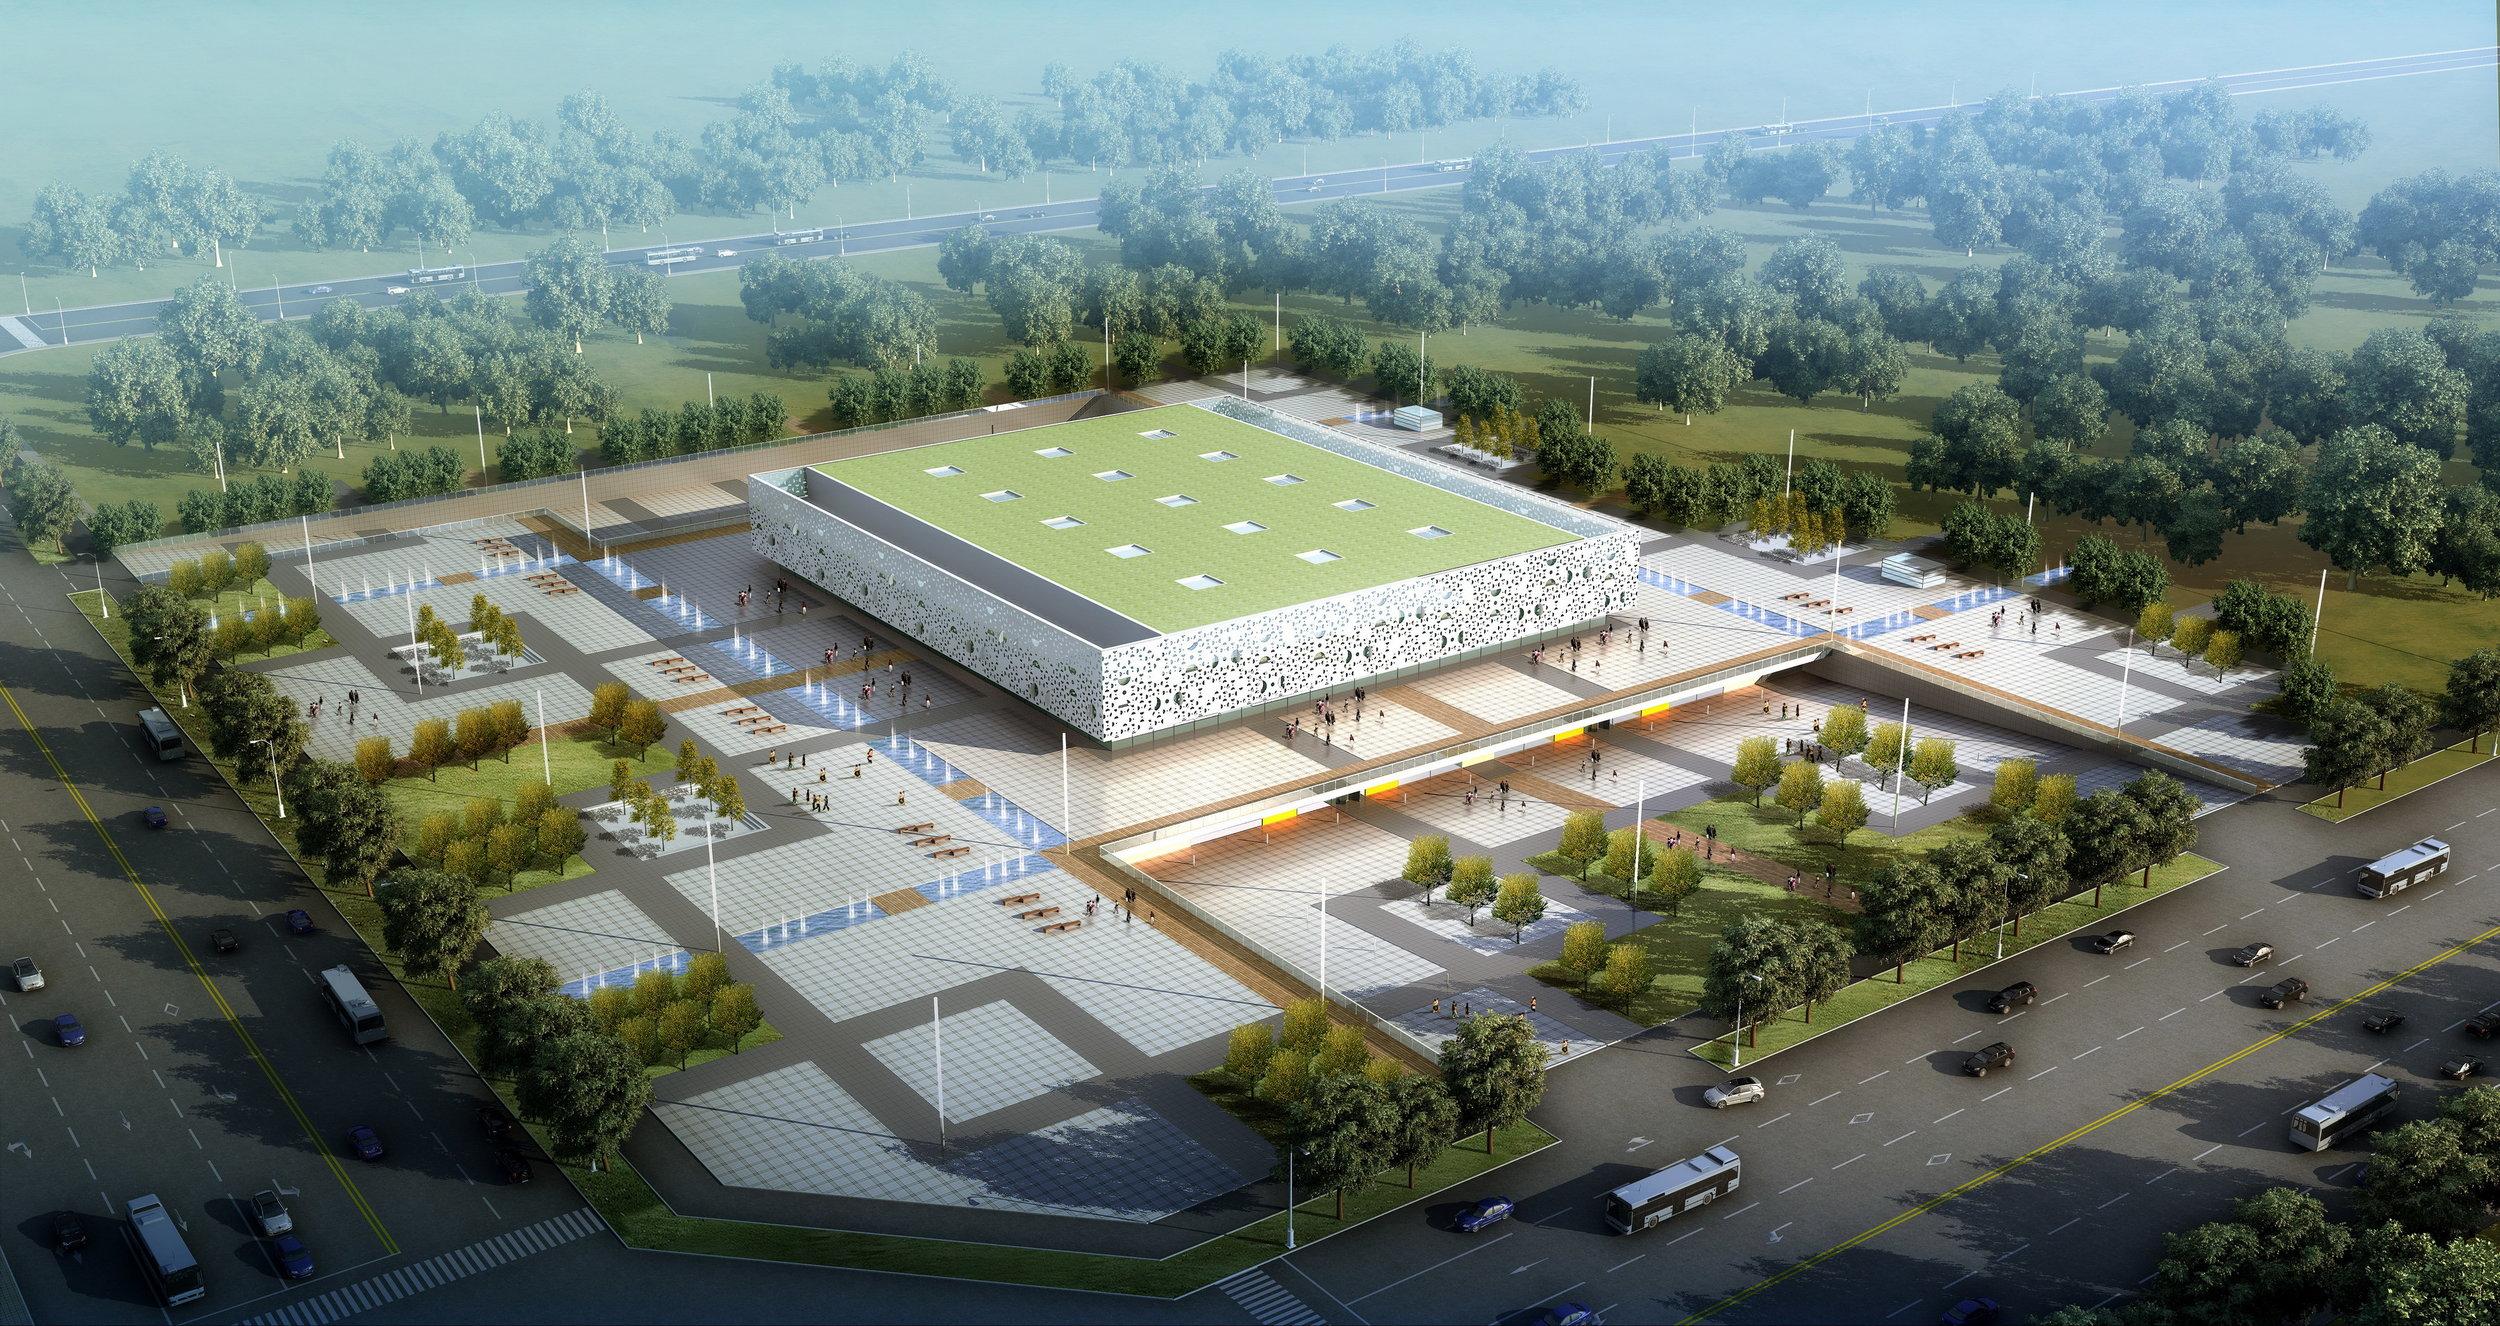 Bozhou Stadium